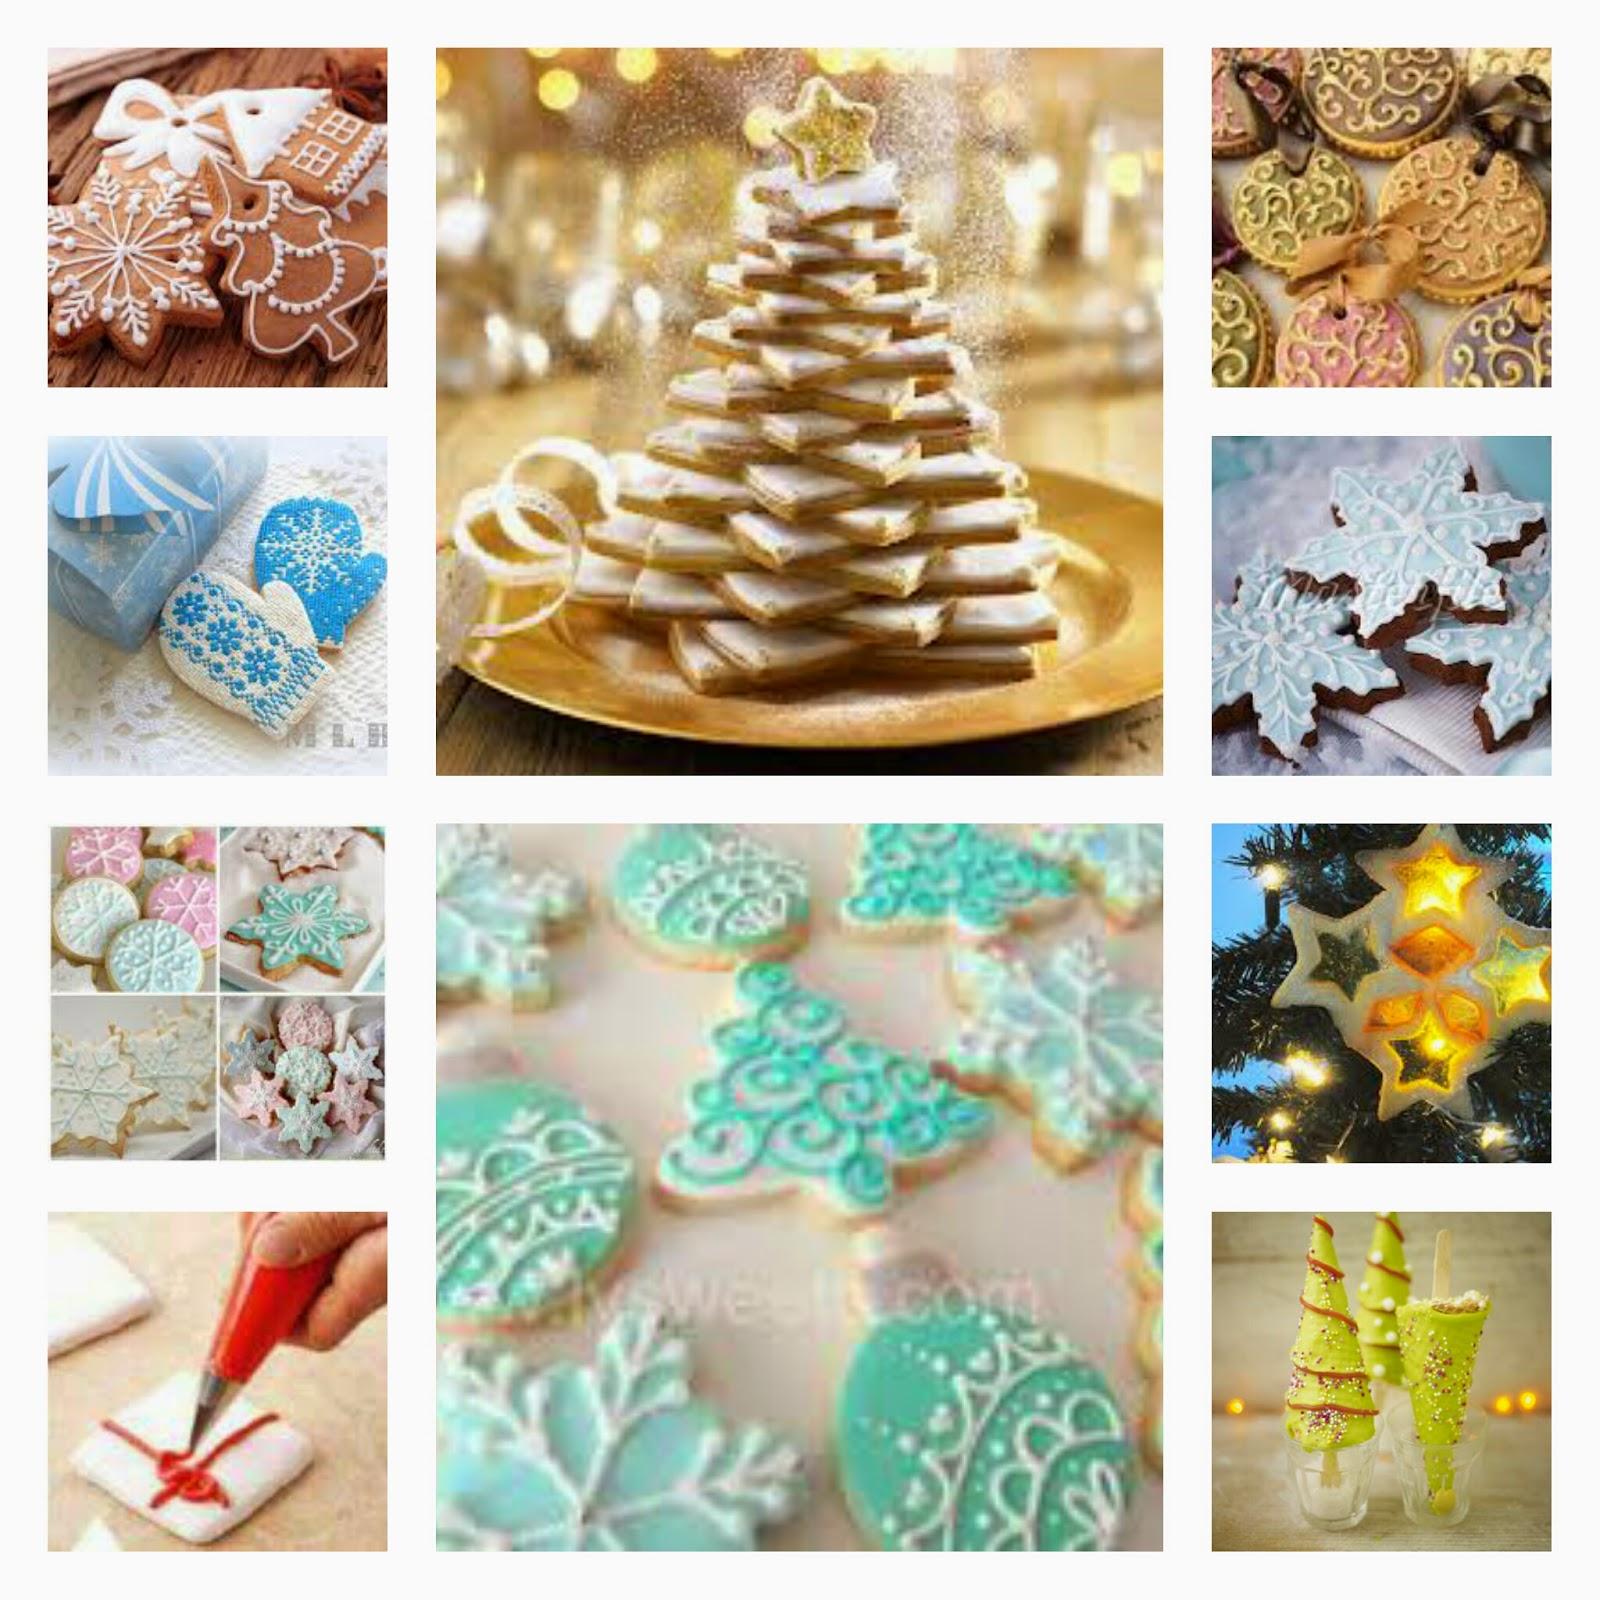 Diy decoraci n cocina navidad cucharita de palo - Diy decoracion navidad ...